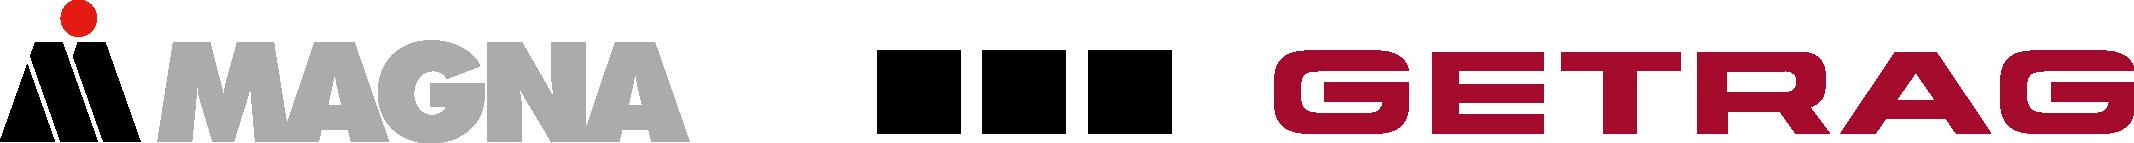 MAGNA – GETRAG B.V. & Co. KG